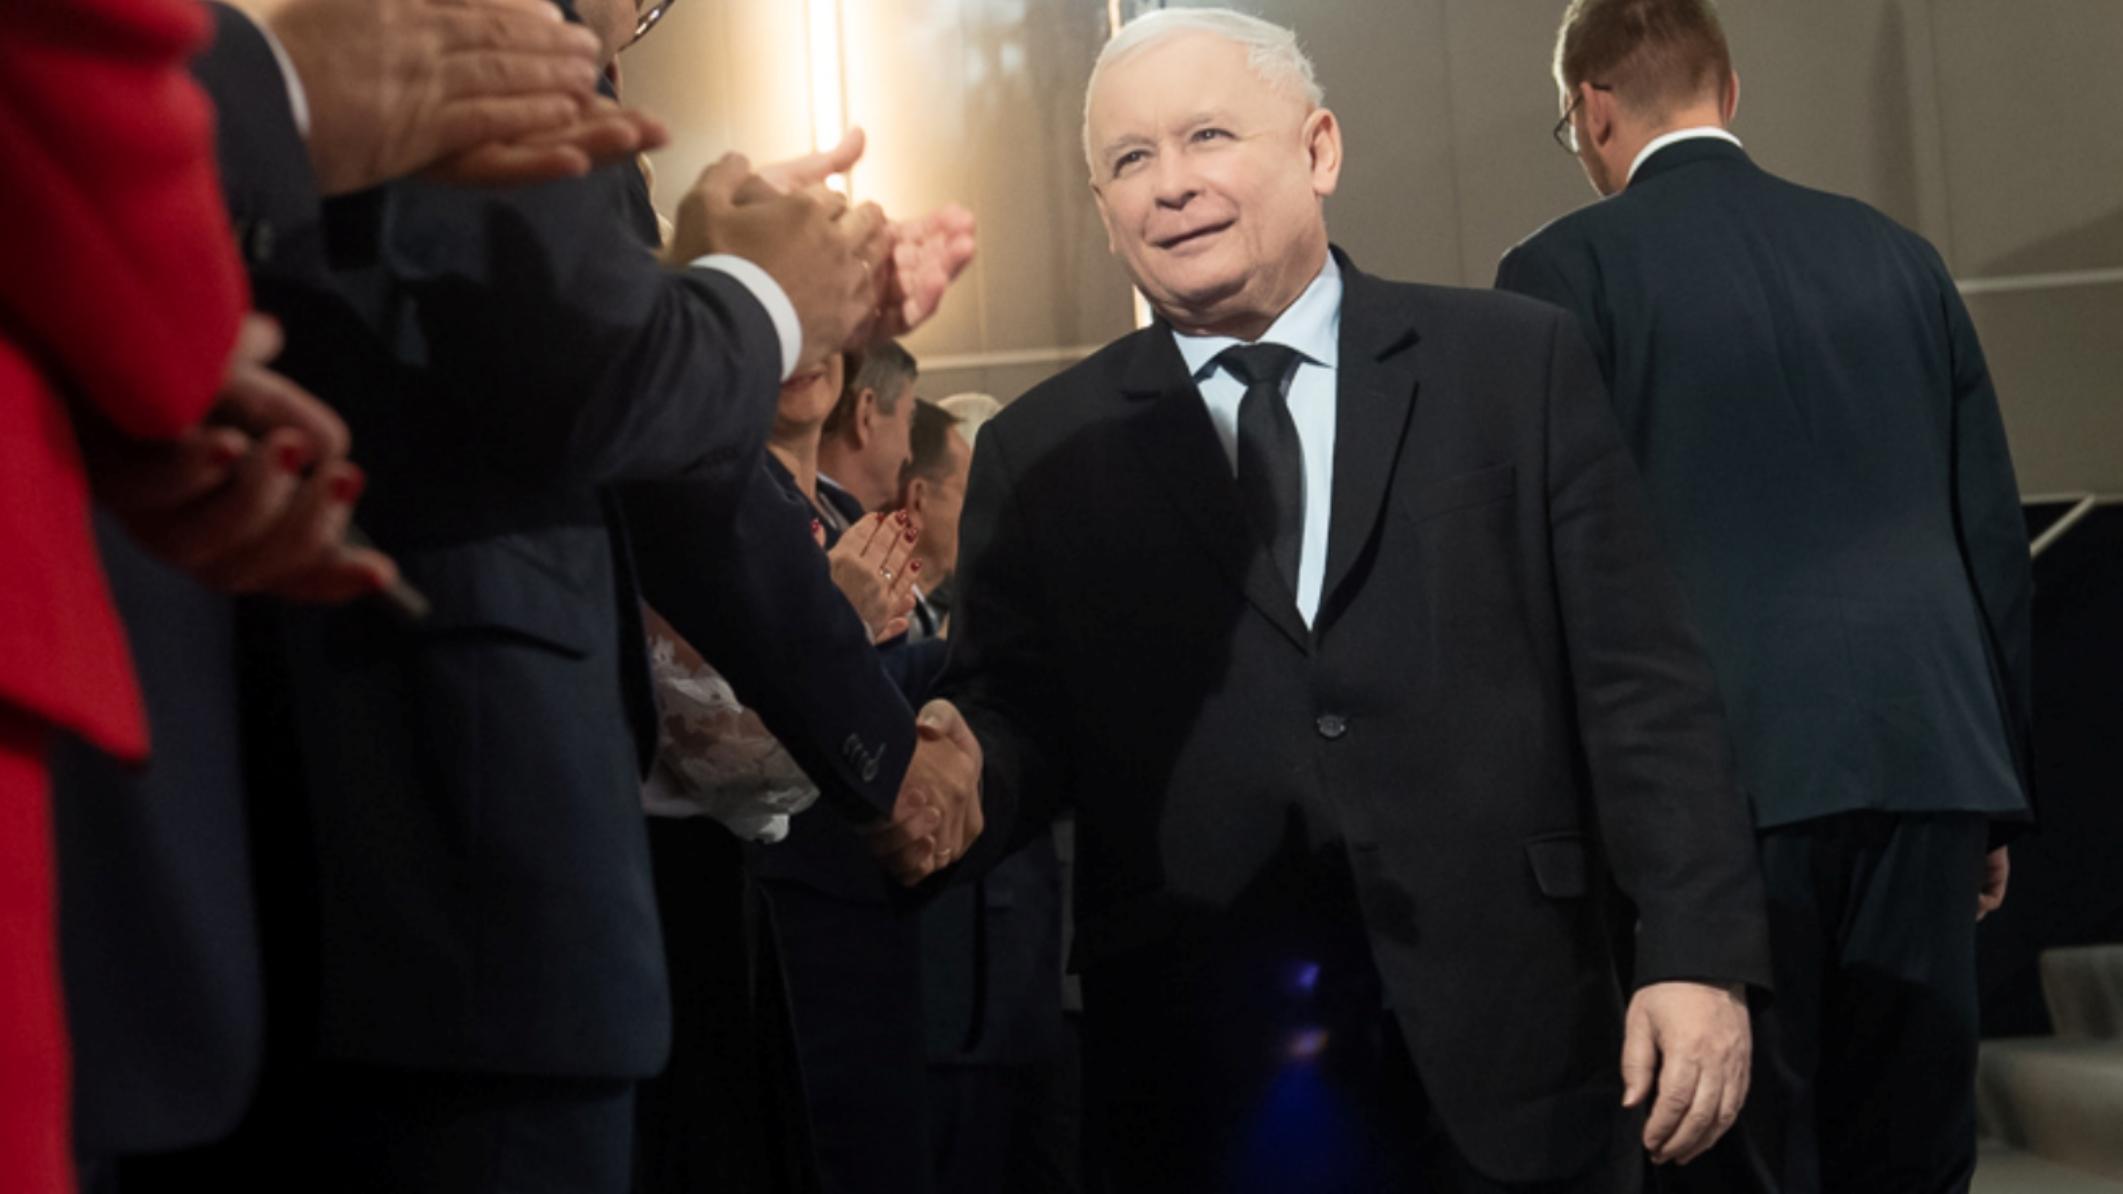 Kaczyński wraca z urlopu. Witają go problemy m.in blokada miliardów euro dla Polski